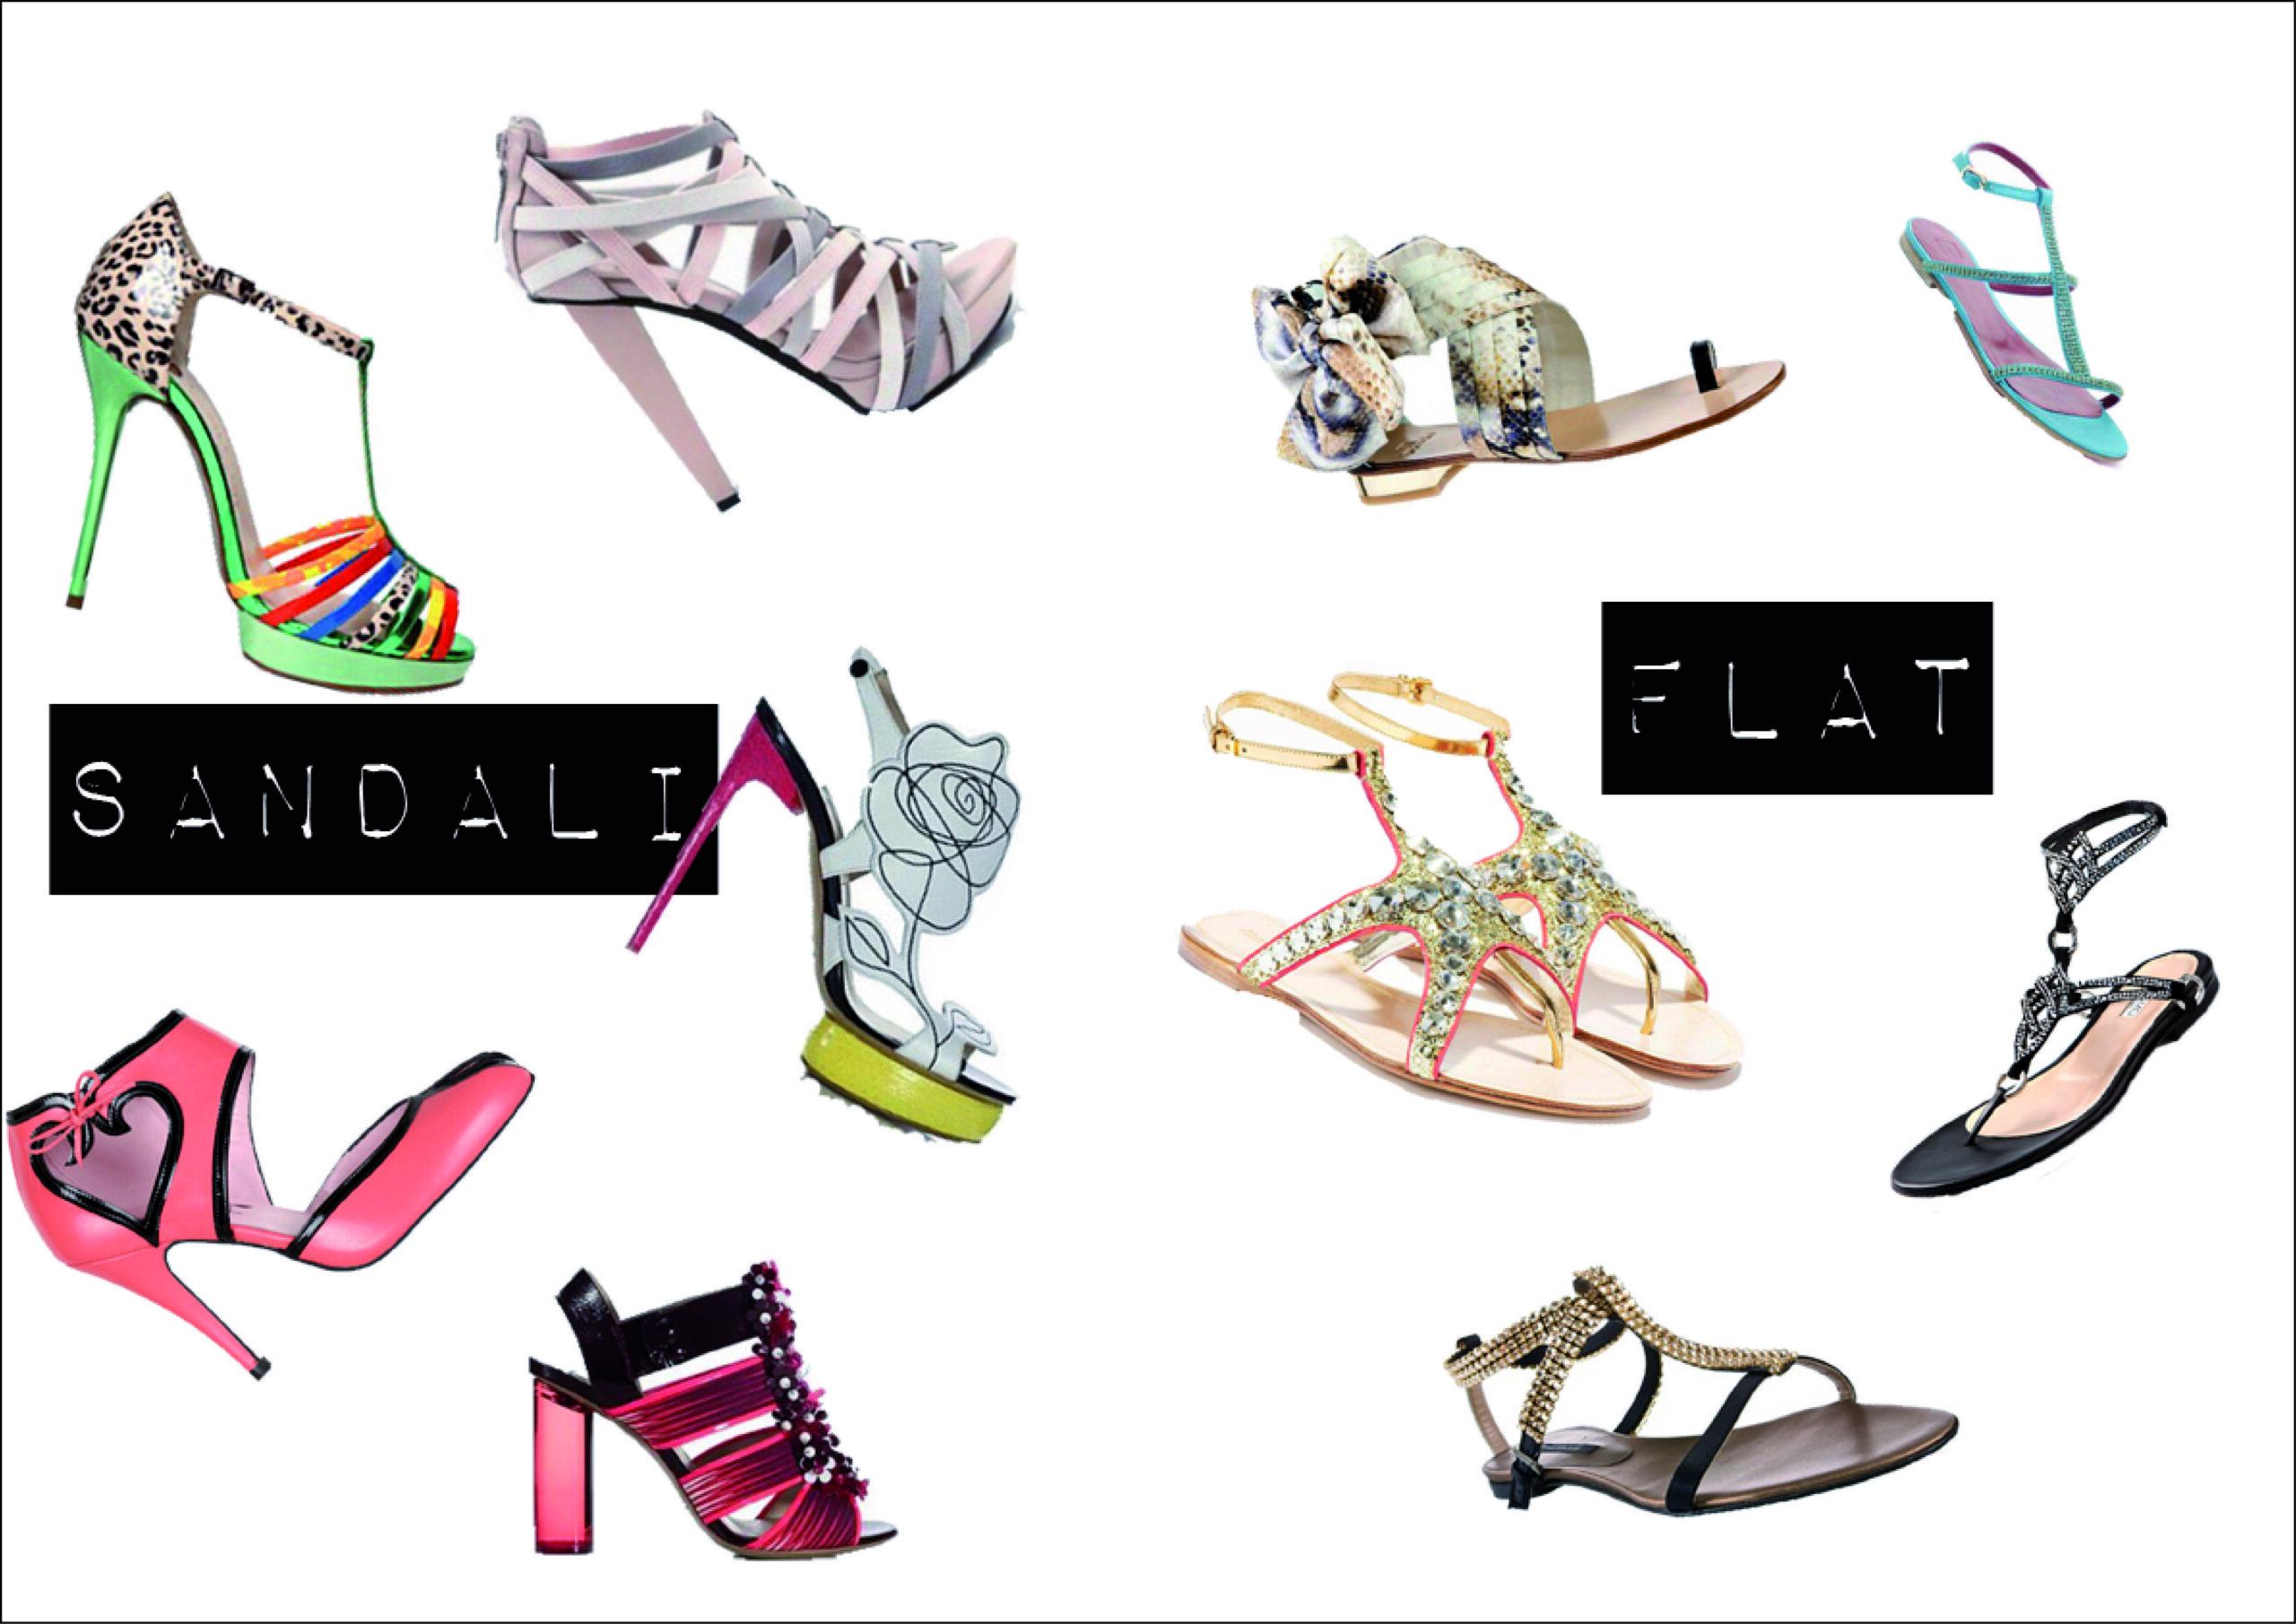 Nuove forme ai nostri piedi: ecco le scarpe per la primavera!